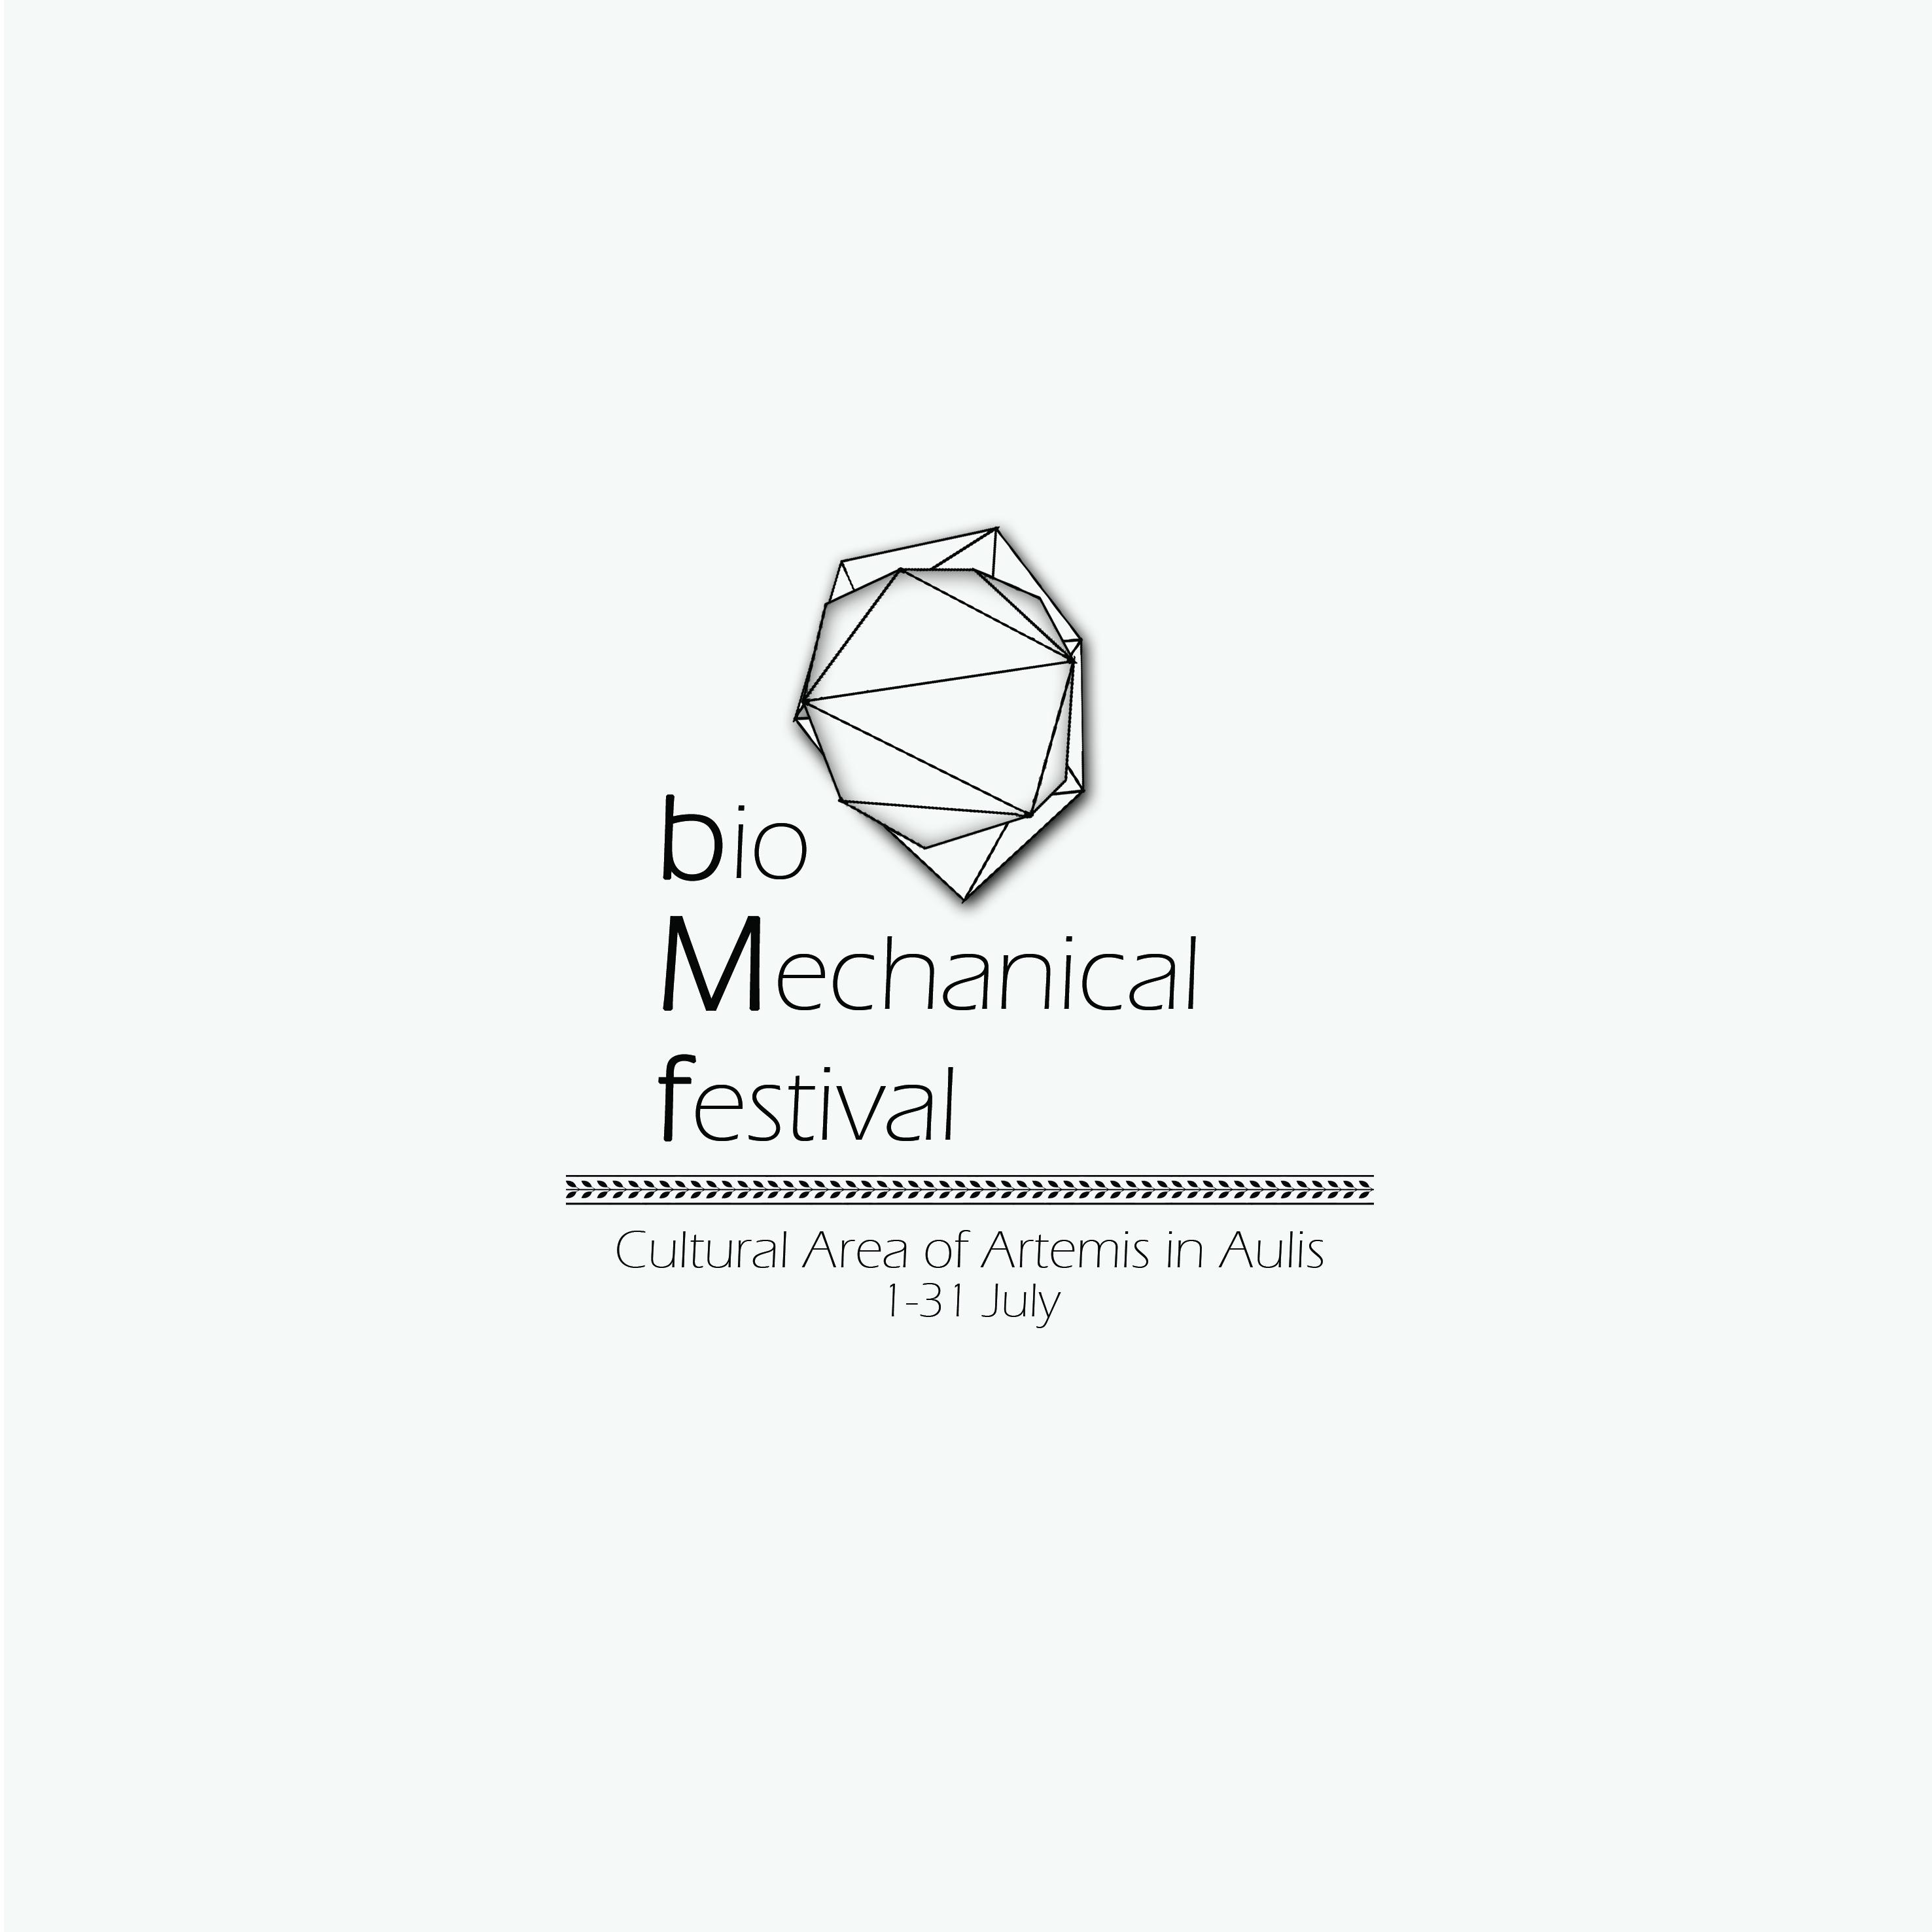 Συνέντευξη με τον κο Κατσάνο για το Bio-Mechanical Festival που ξεκινά φέτος στη Χαλκίδα